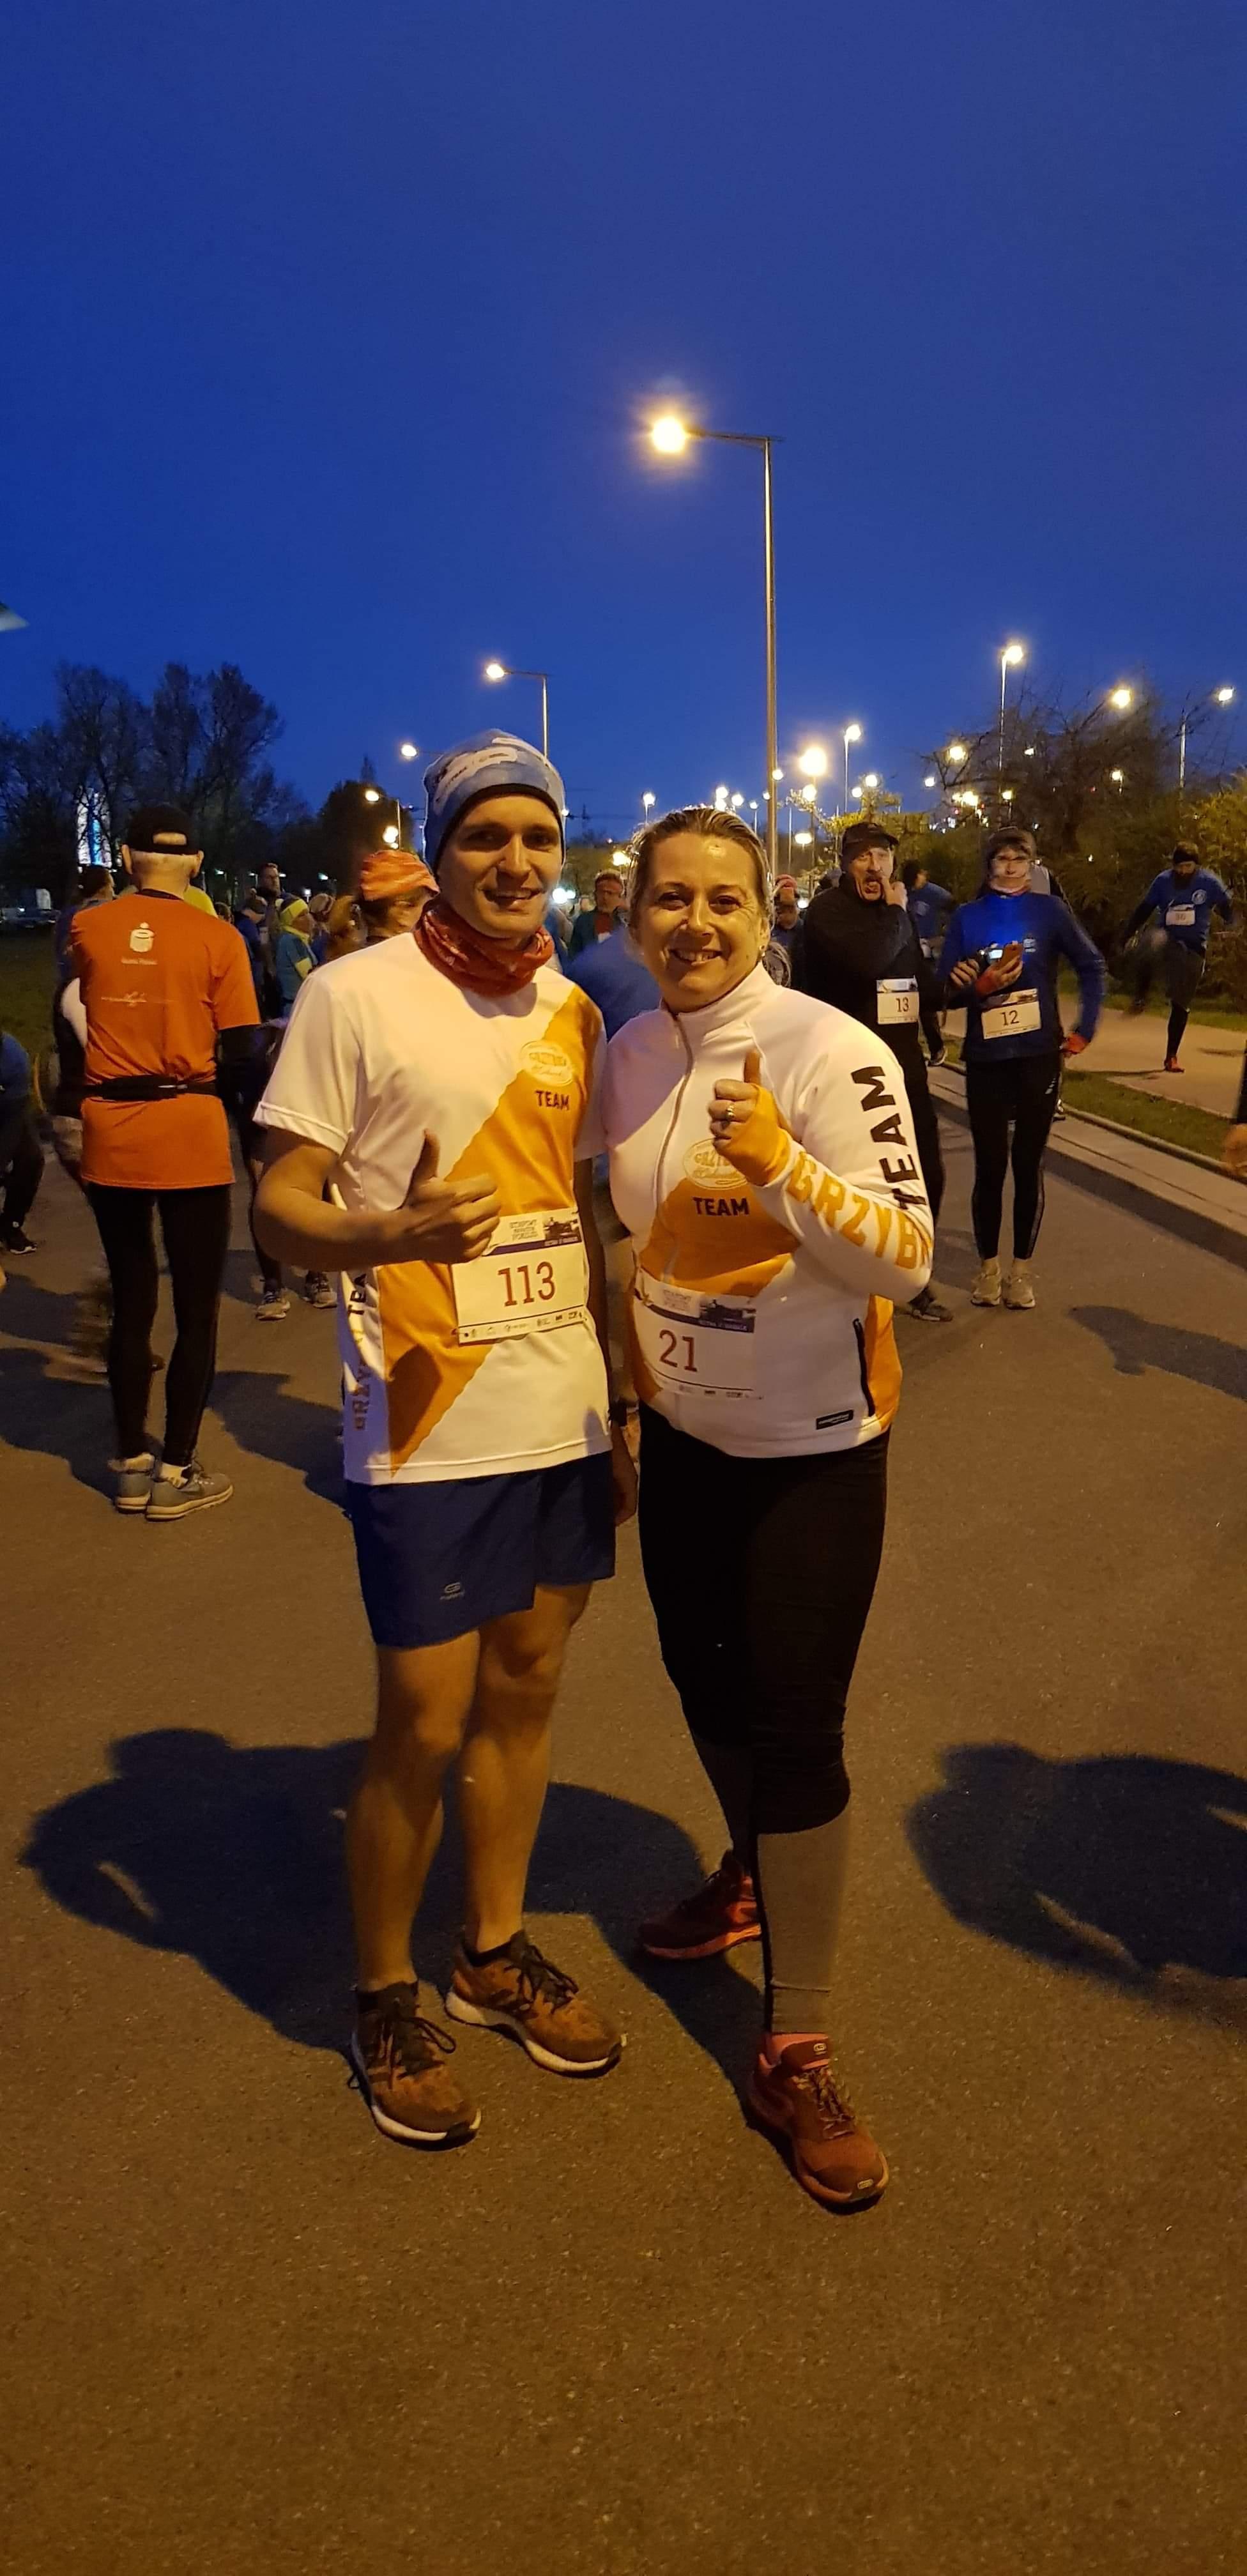 Ania i Łukasz przed startem.   Etapowy Maraton Pokoju - Bitwa o Narwik - Warszawa 10 kwietnia 2019r.